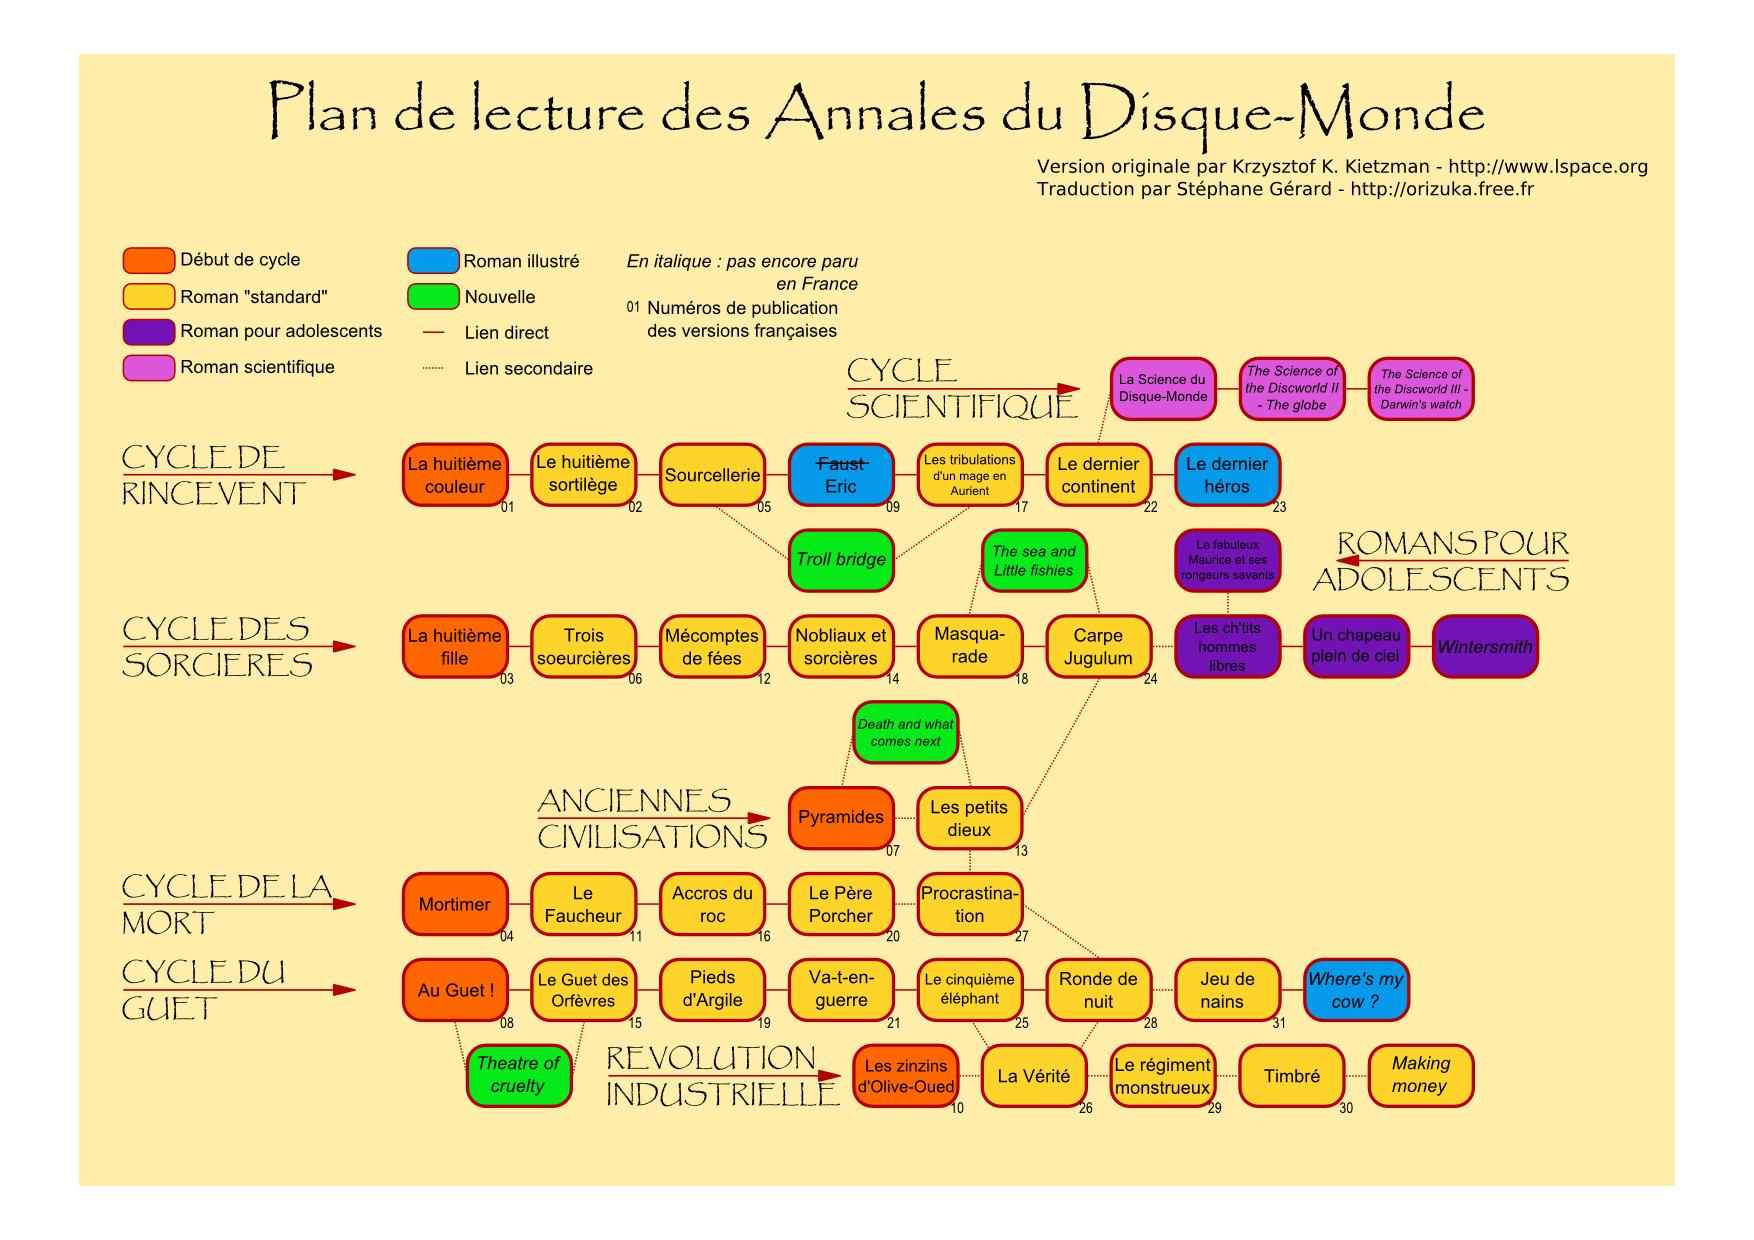 Plan de lecture des Annales du Disque-Monde